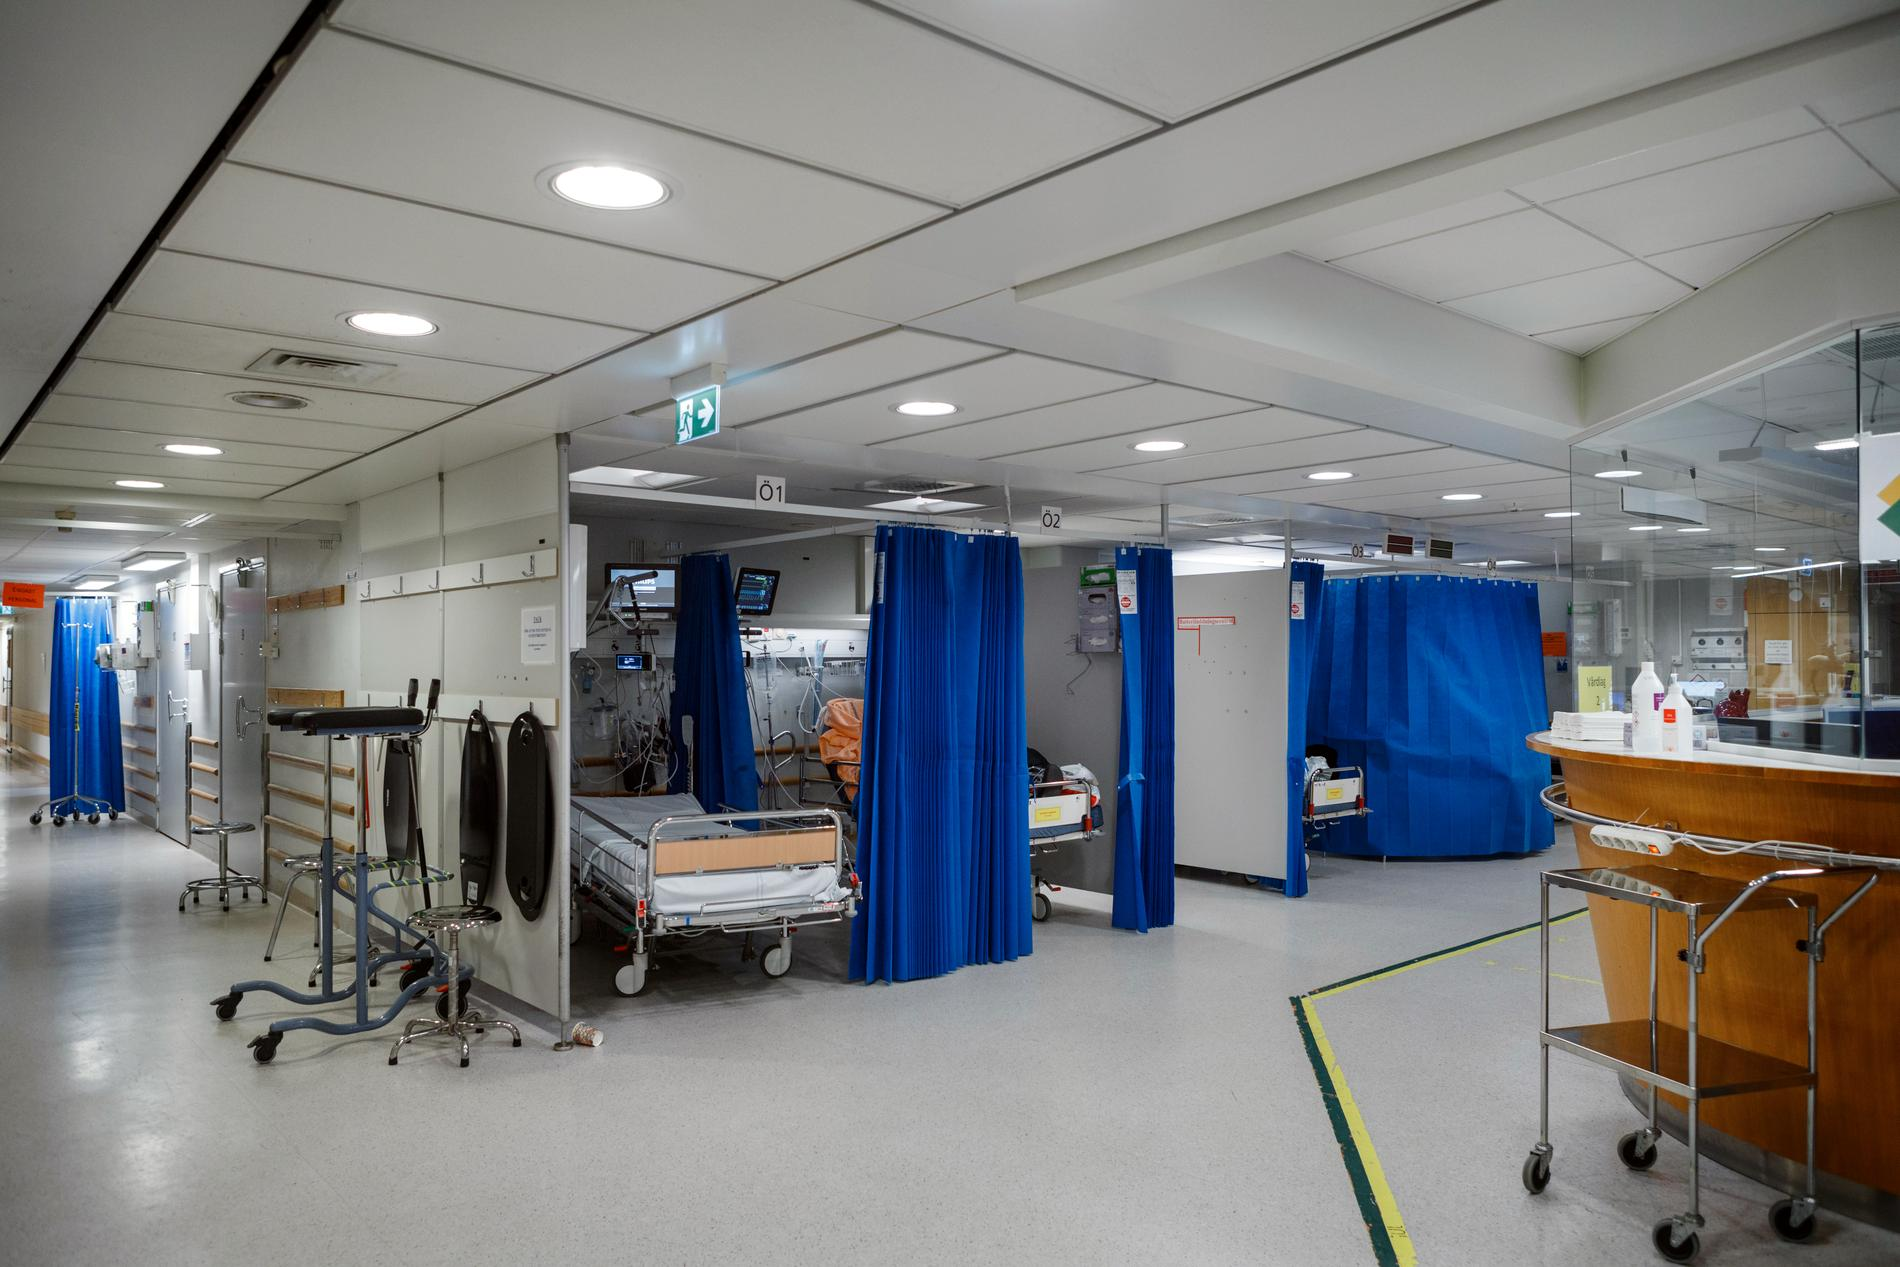 Färre patienter fick vård på sjukhus under förra året, jämfört med året innan. Arkivbild.